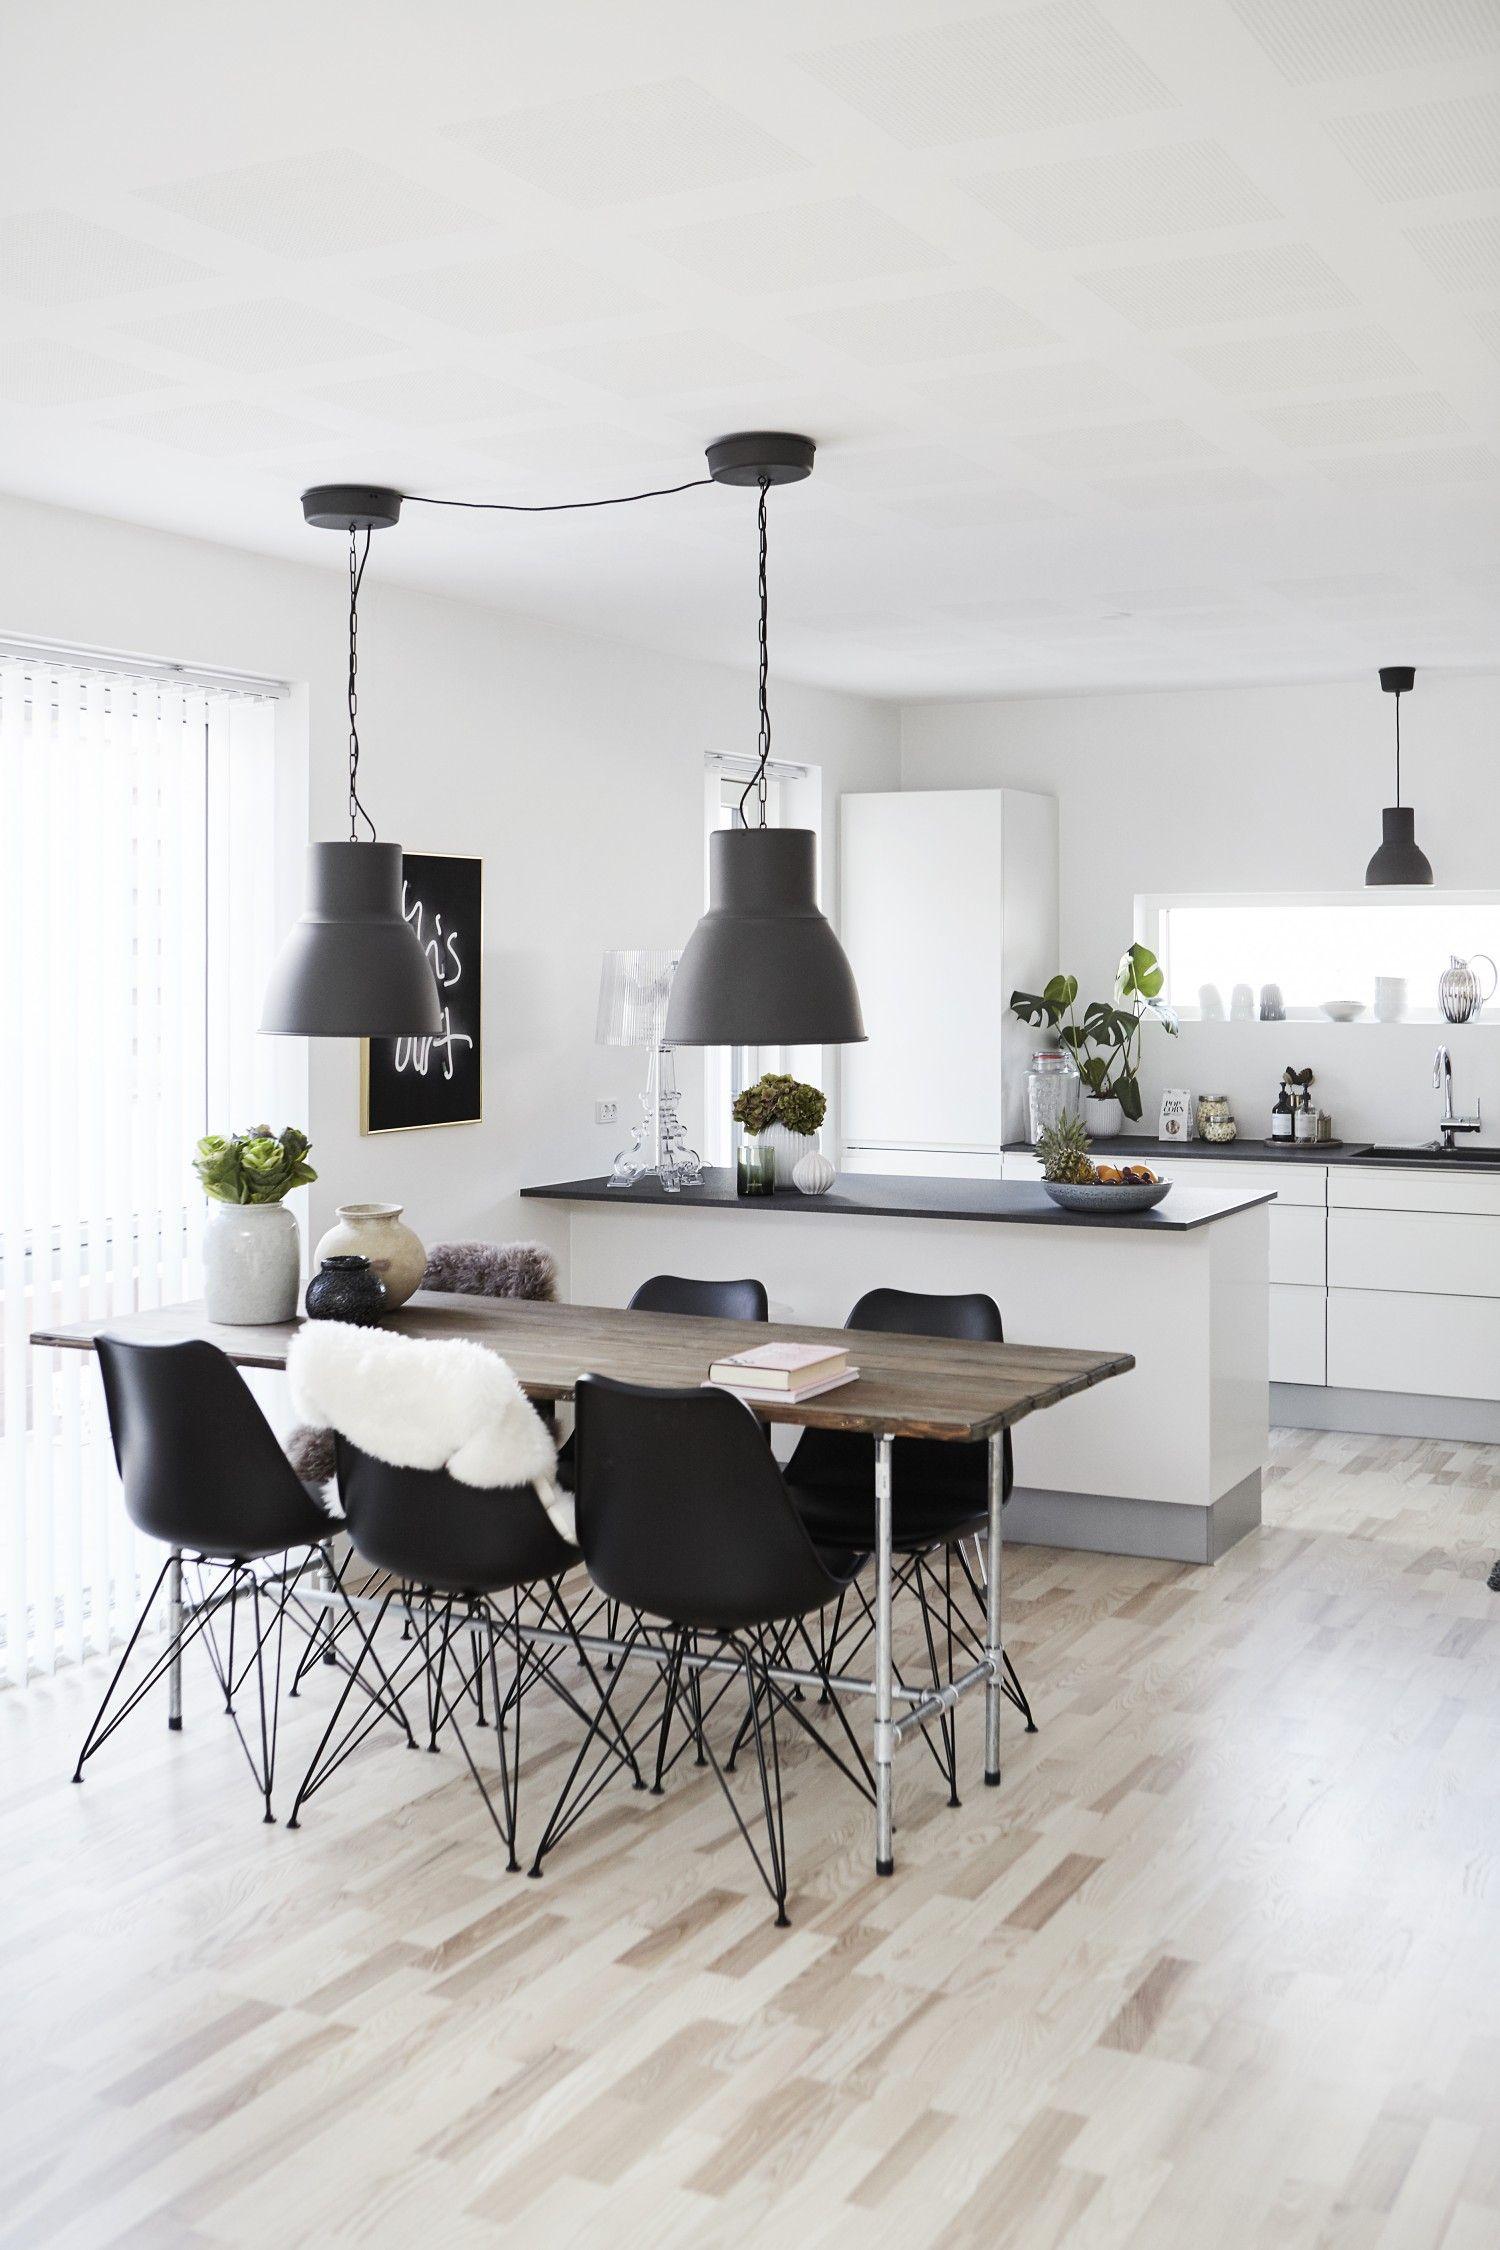 Dining Room Inspiration: 10 Scandinavian Dining Room Ideas You\'ll ...